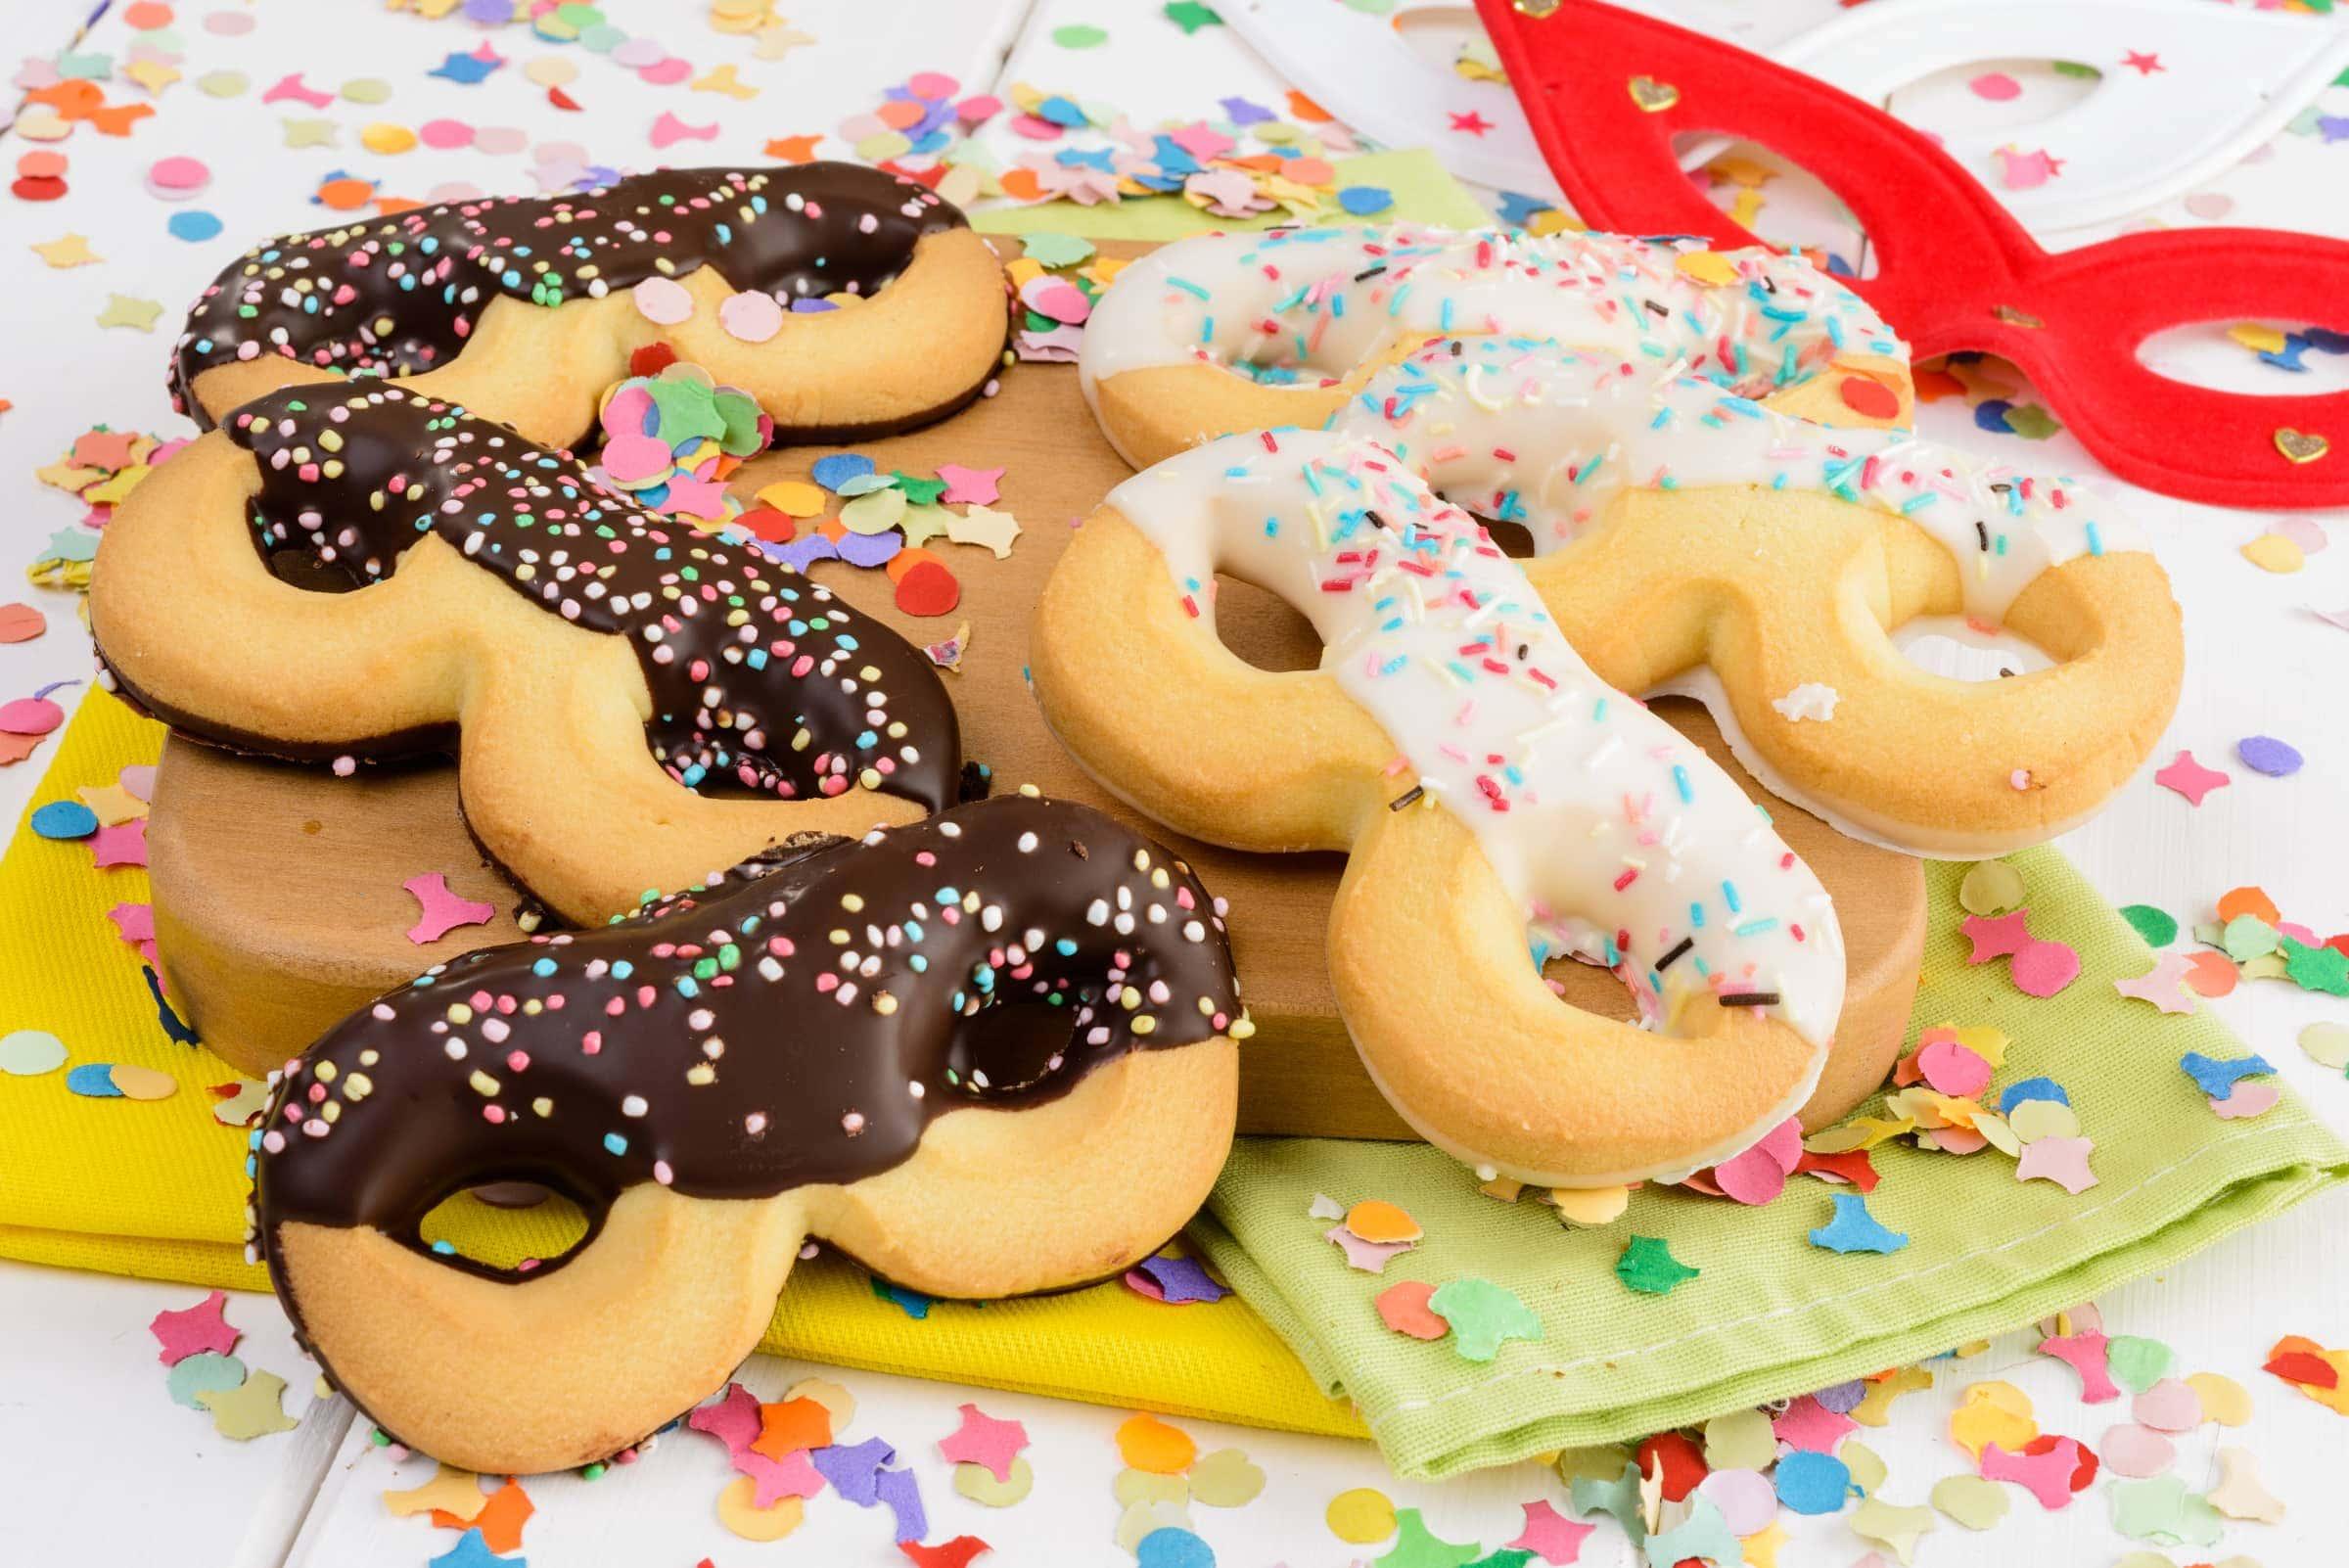 Ricetta Maschere di Carnevale di Pasta Frolla - Il Club delle Ricette 468b034a8475